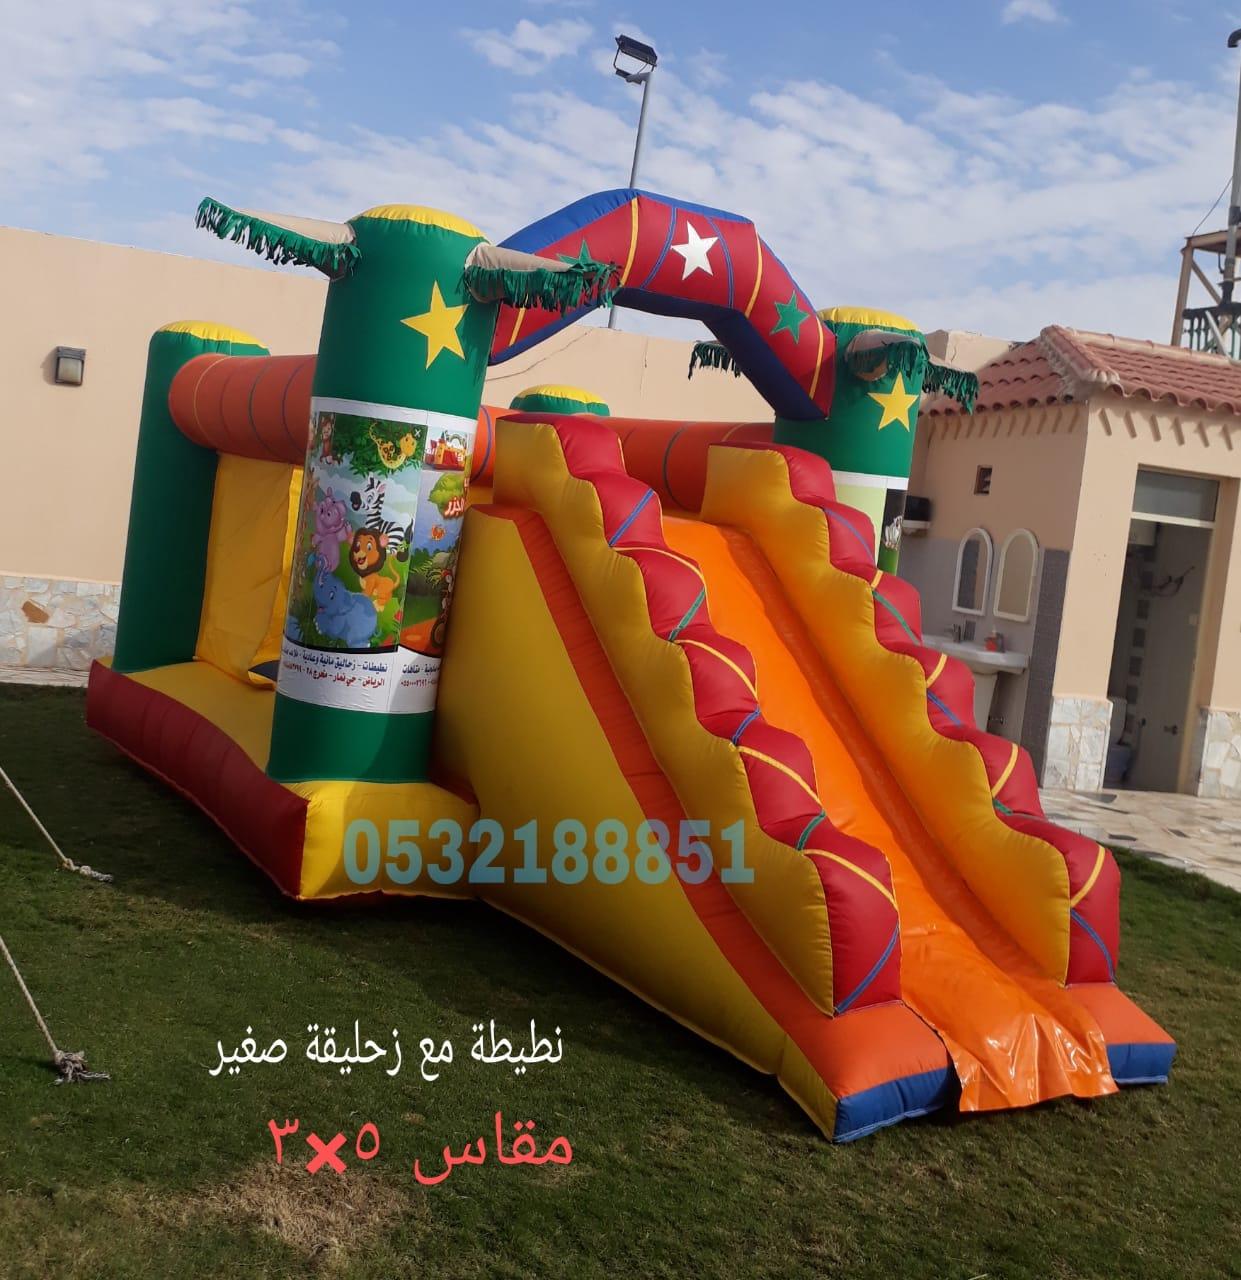 PARTY RIYADH  تأجير ألعاب هوائيه مع التوصيل و التركيب 0531022020 P_17177zh598